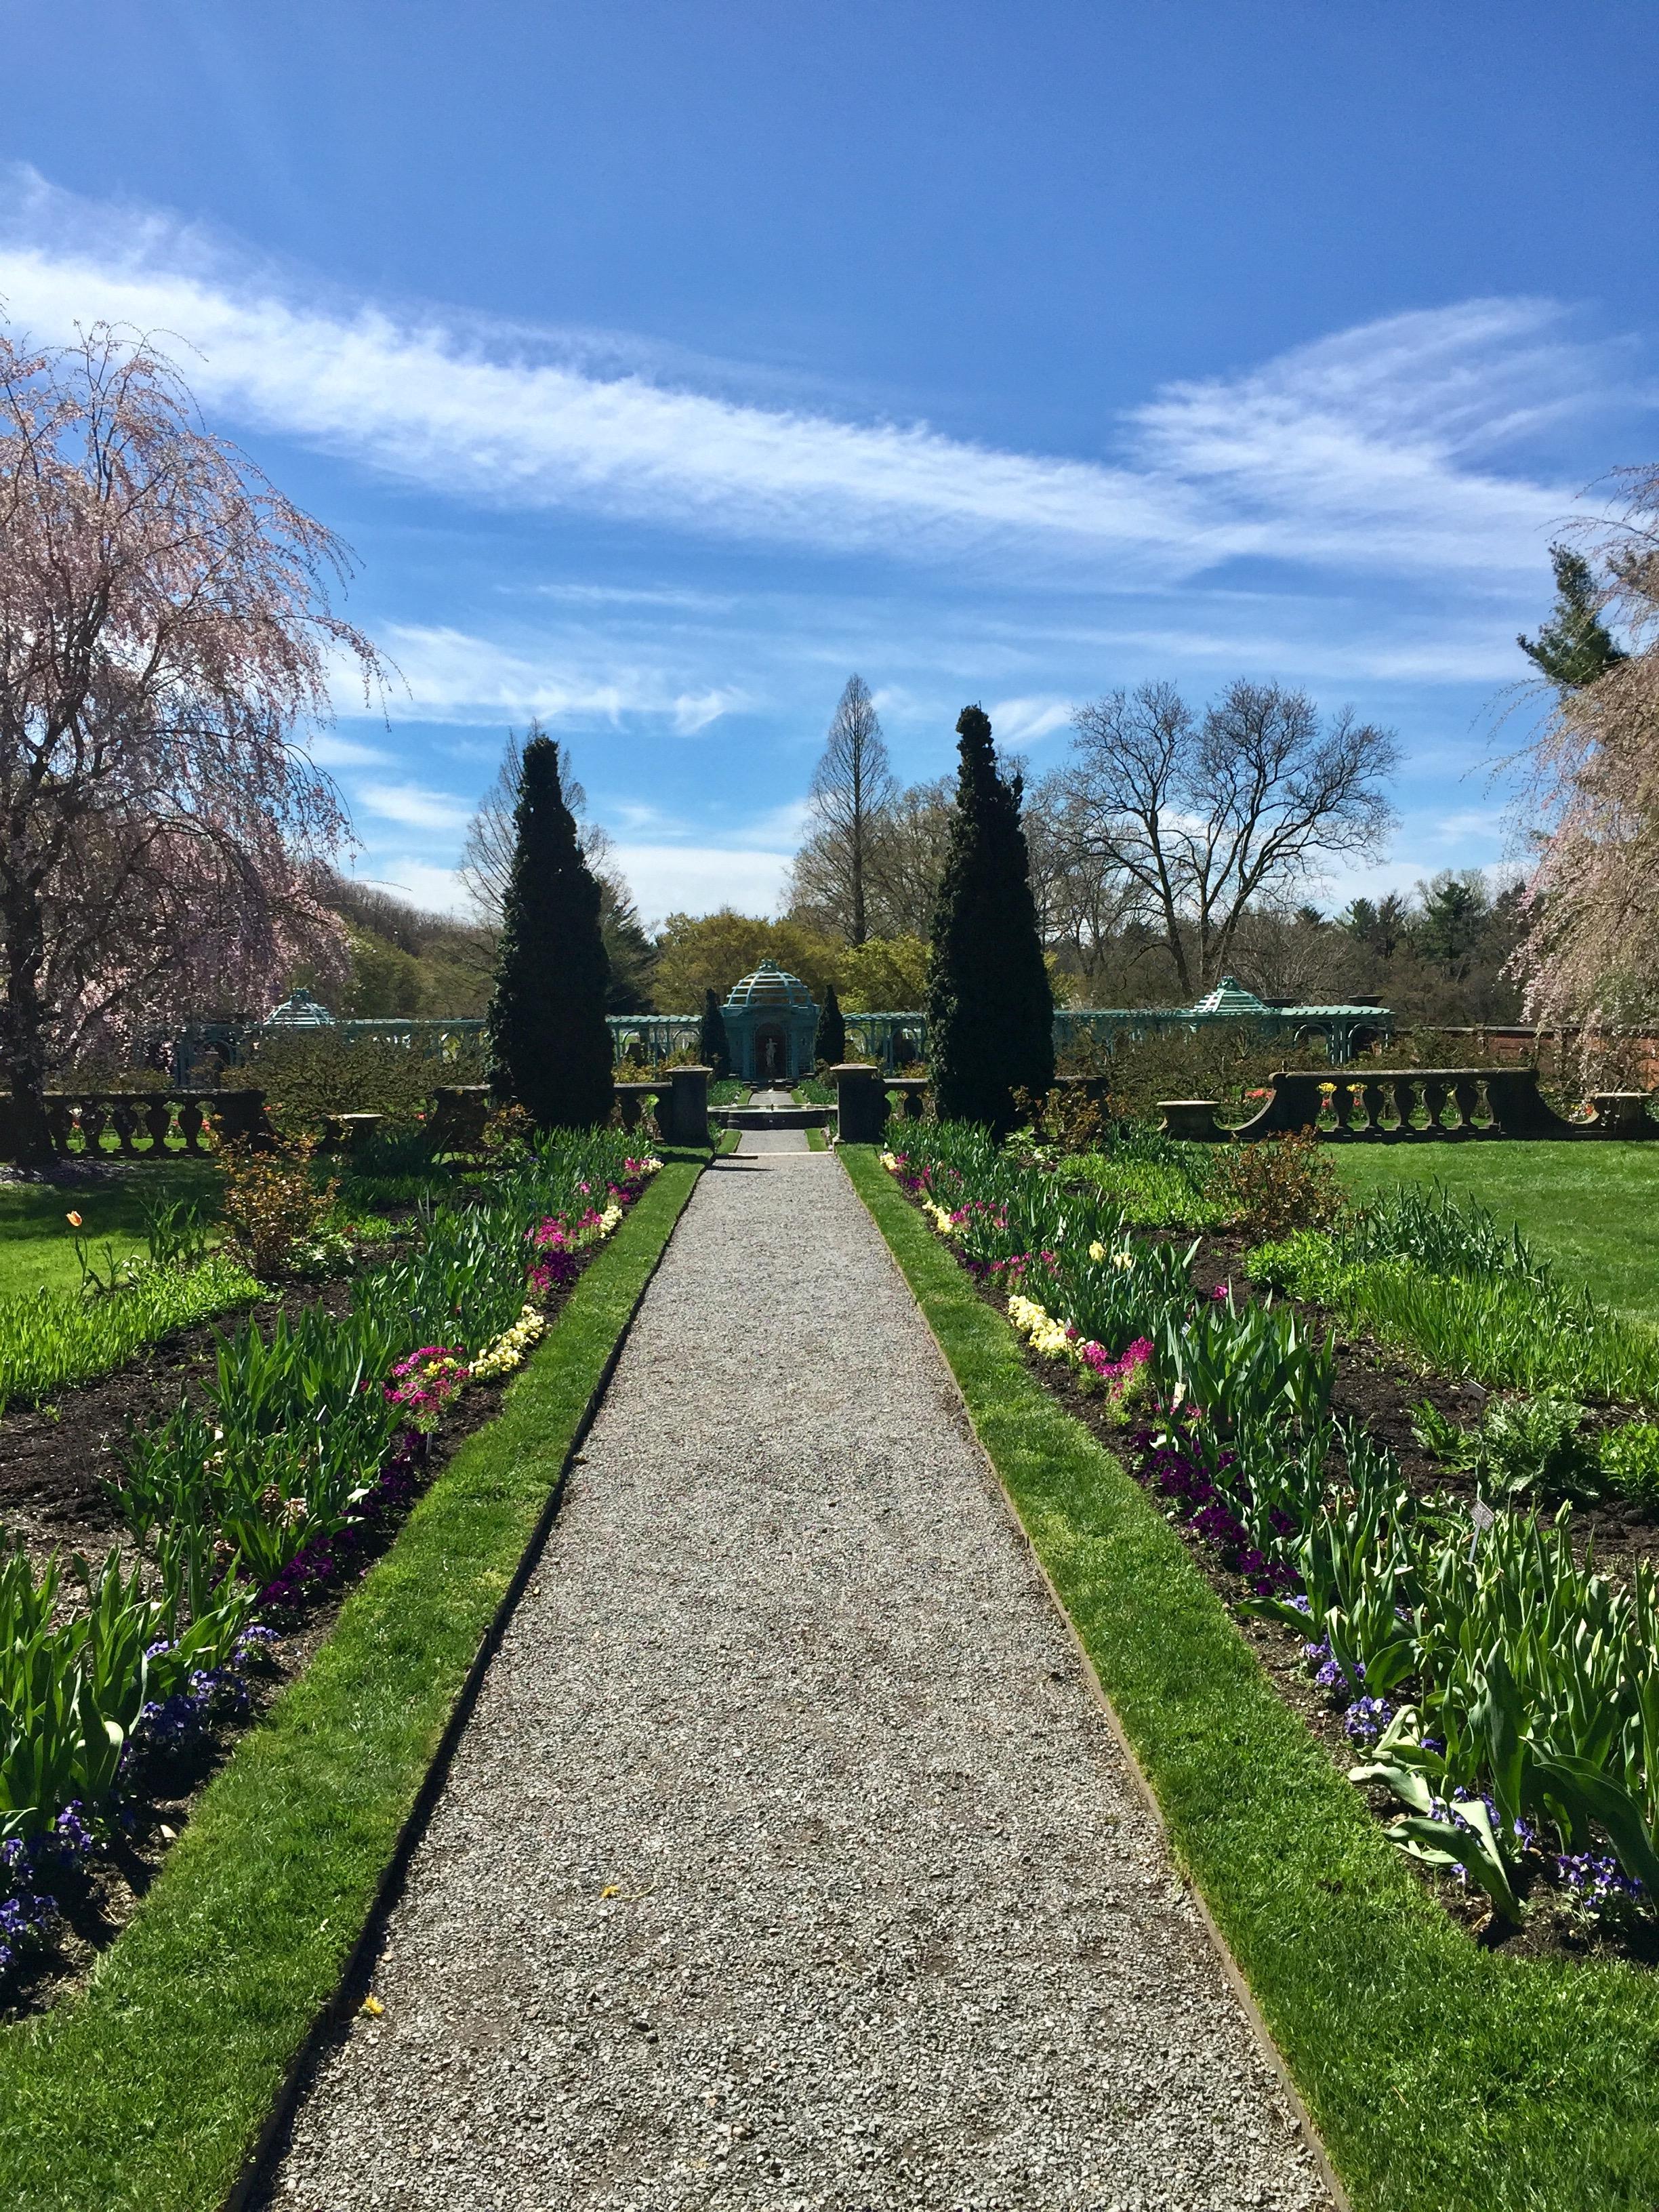 Spring at Old Westbury Gardens